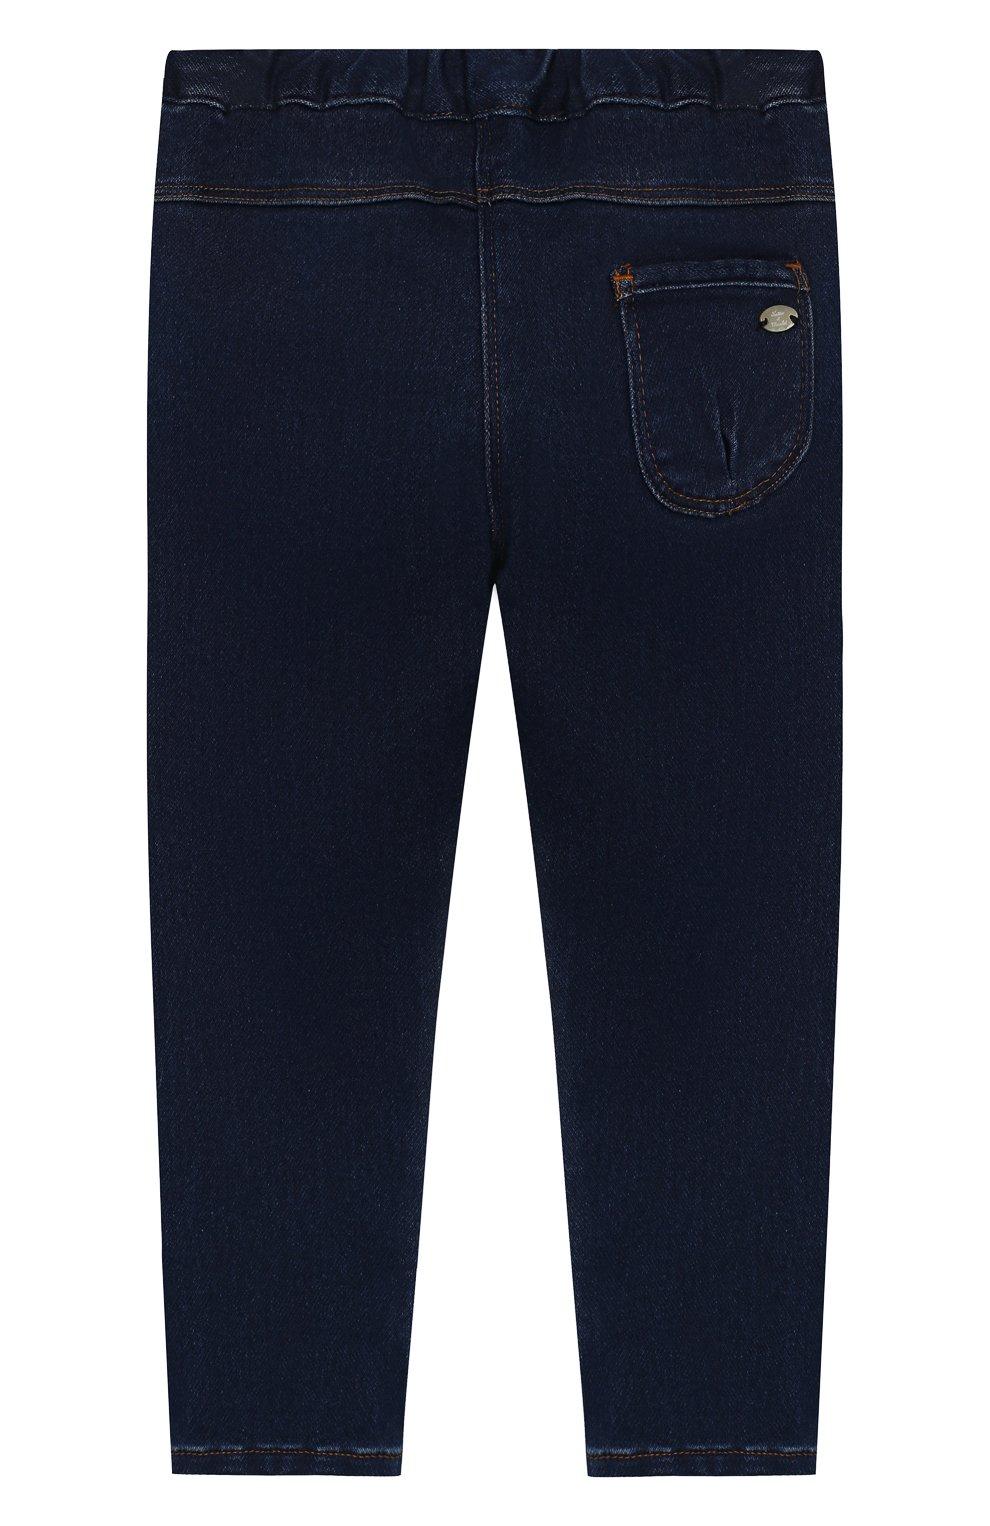 Детские джинсы TARTINE ET CHOCOLAT темно-синего цвета, арт. TP22041/18M-3A | Фото 2 (Материал внешний: Хлопок; Ростовка одежда: 18 мес | 86 см, 24 мес | 92 см, 36 мес | 98 см)